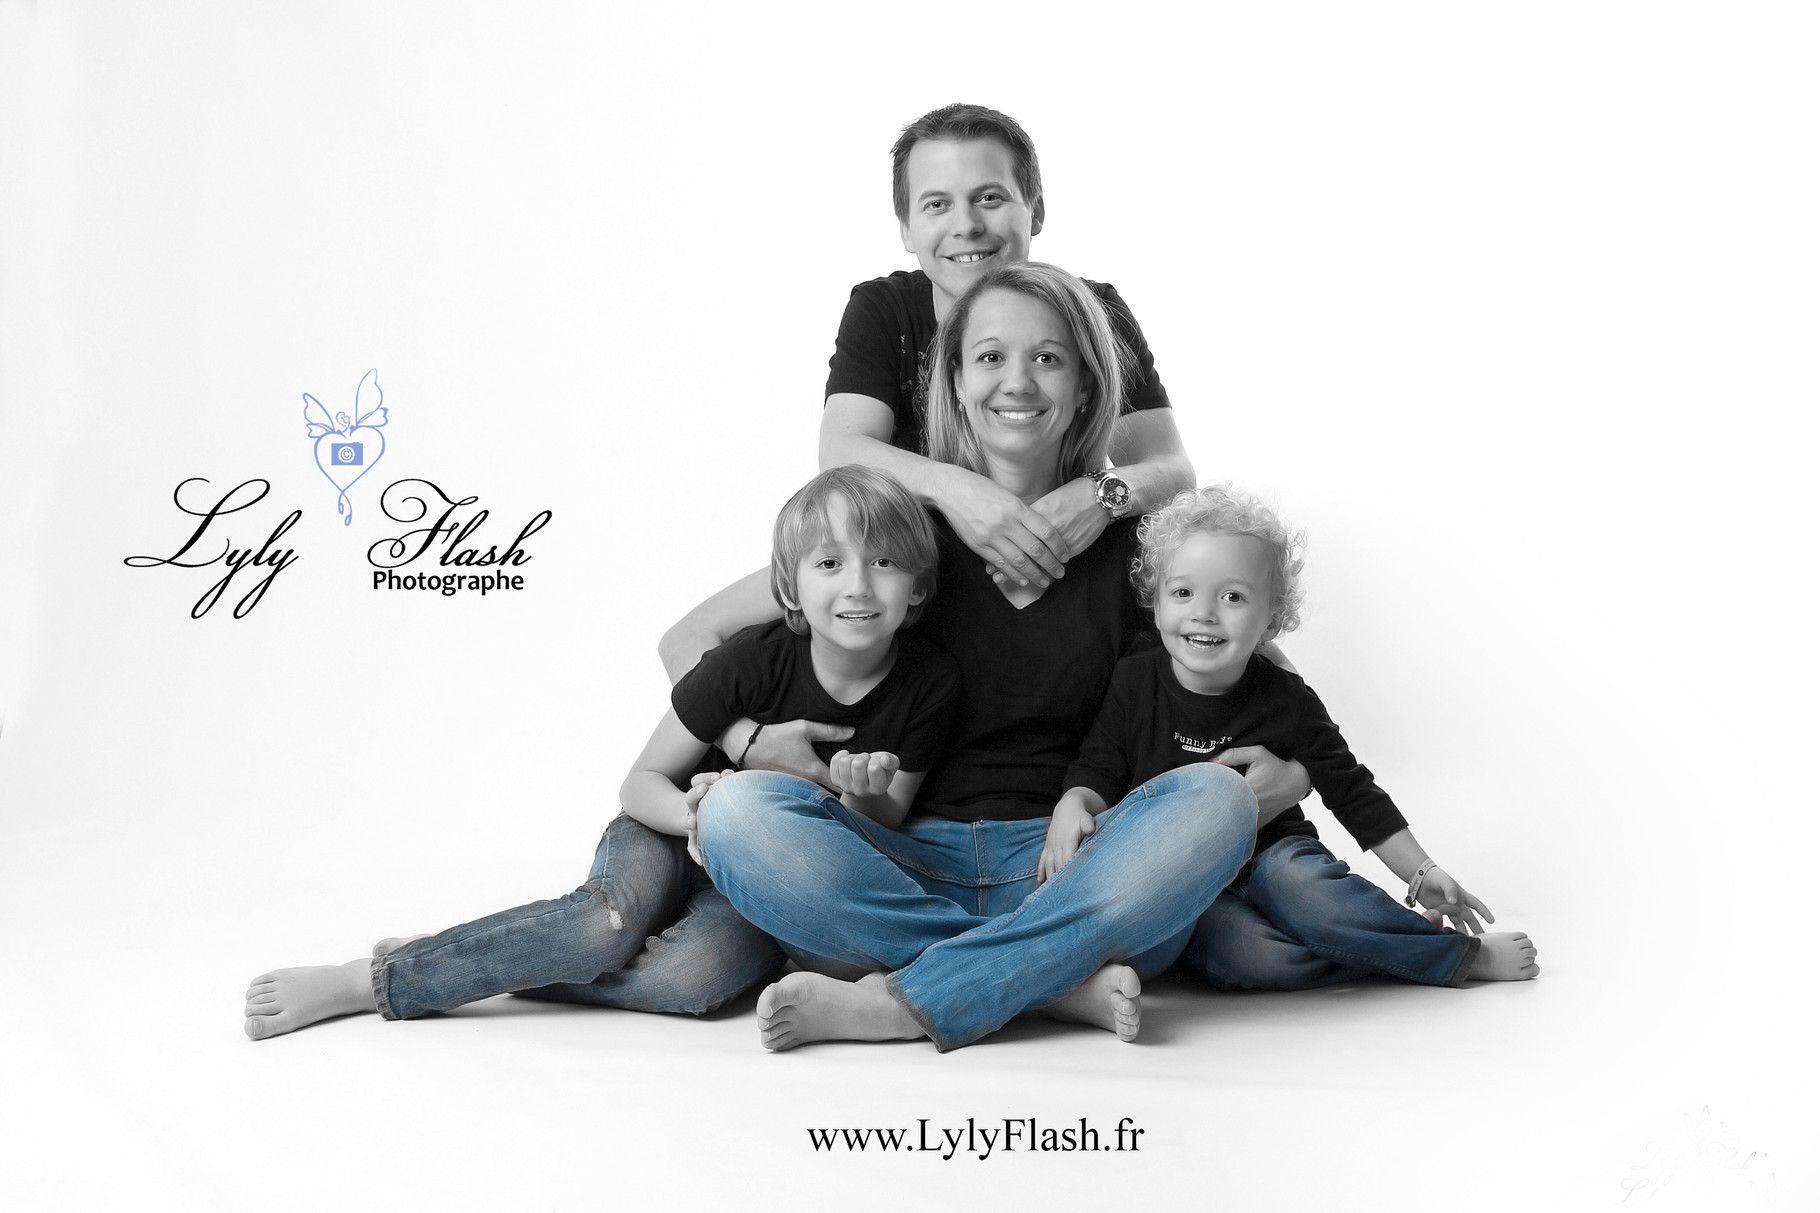 portrait de famille par lylyflash photographe id es photos de familles pinterest pose. Black Bedroom Furniture Sets. Home Design Ideas